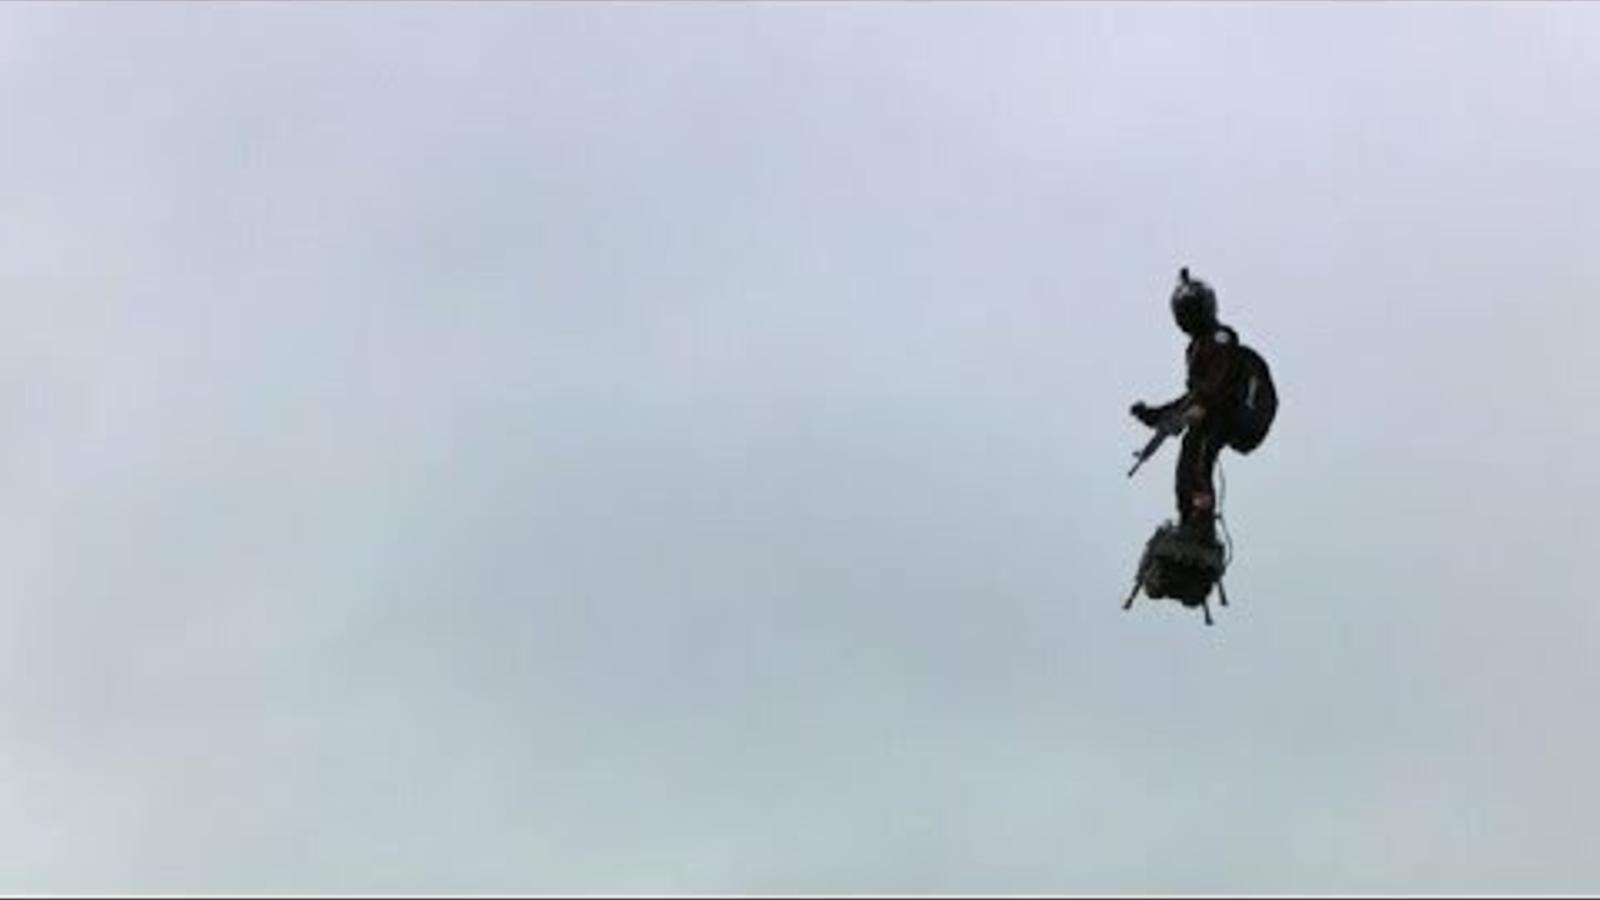 home volador a l'exhibició del 14 de juliol de frança